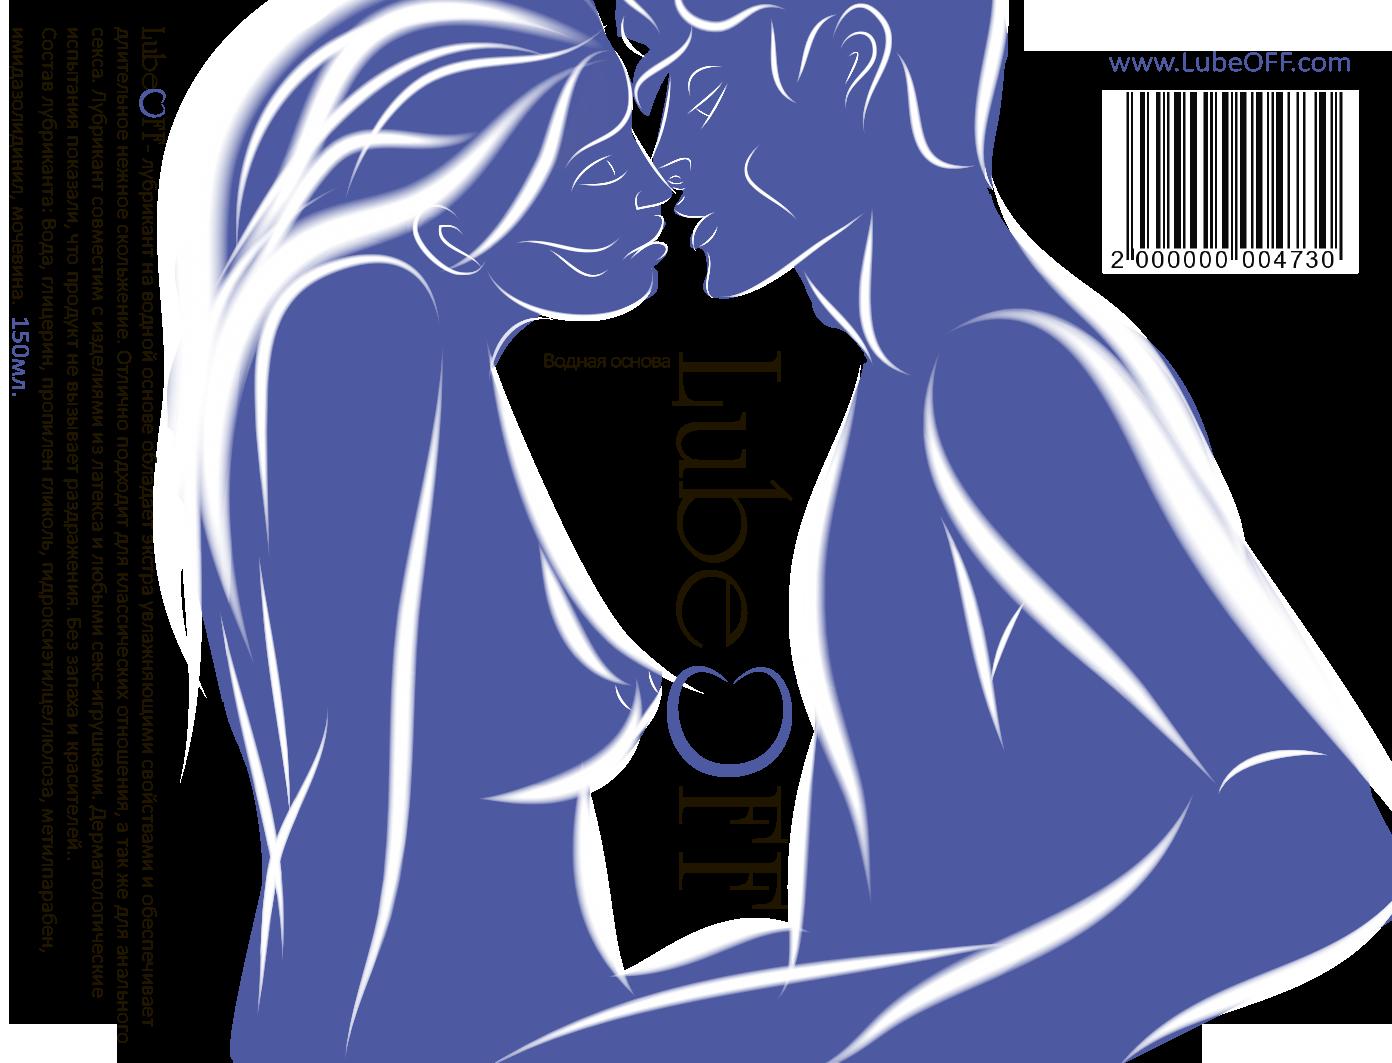 Разработка этикетки интимного геля смазки + брендбук. фото f_853586525b400fc6.png